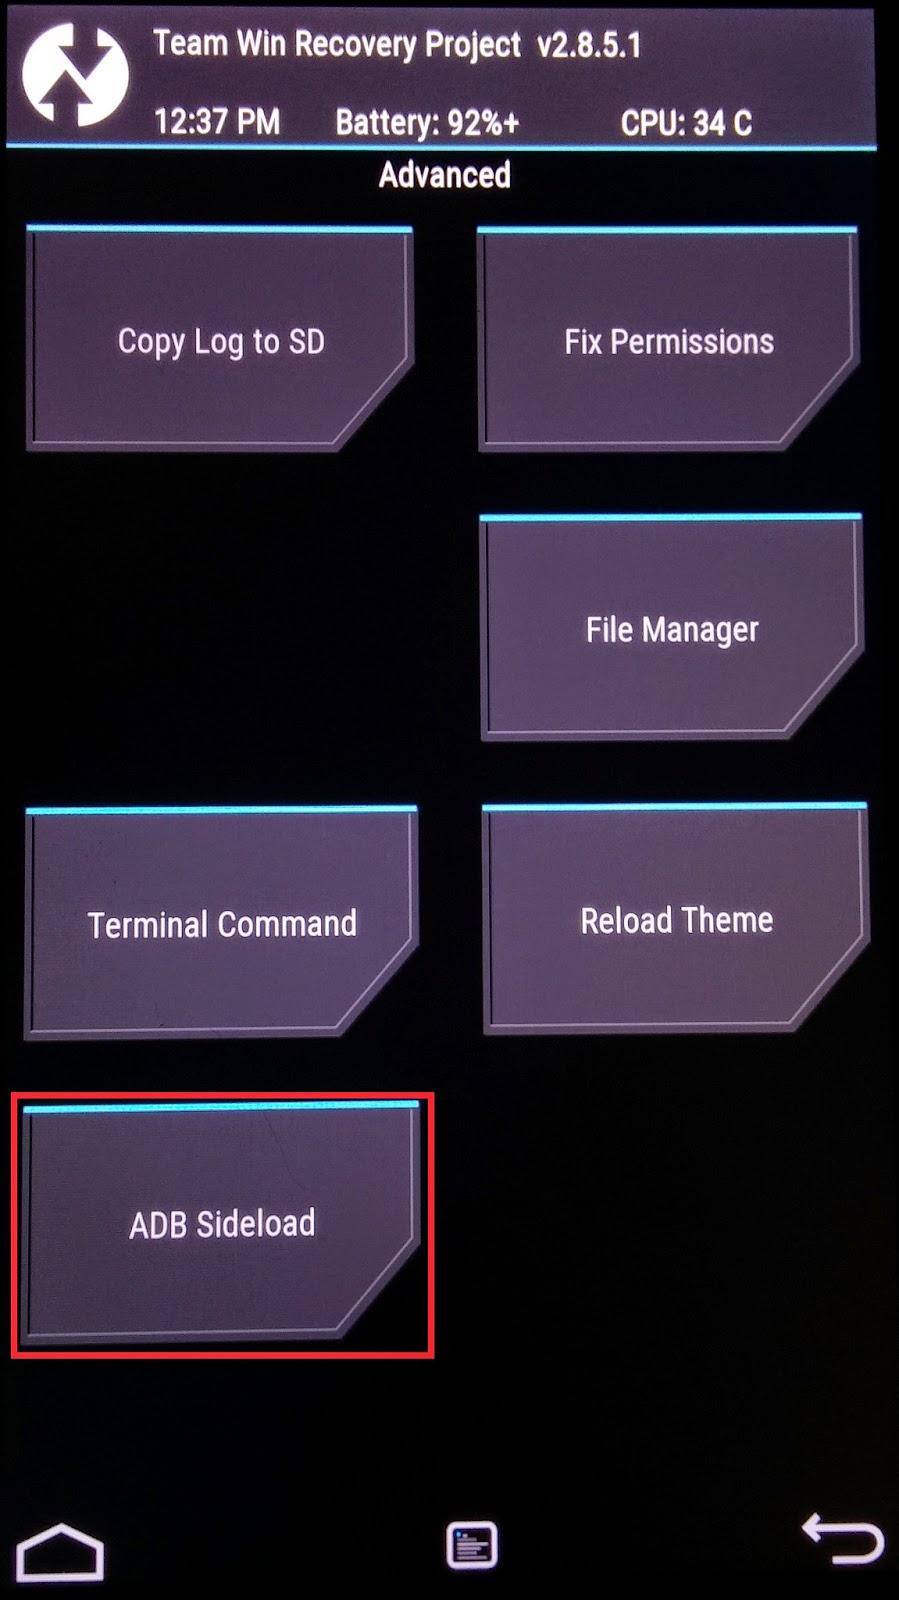 端末を「adb sideload」を使って手動で即座にアップデートする